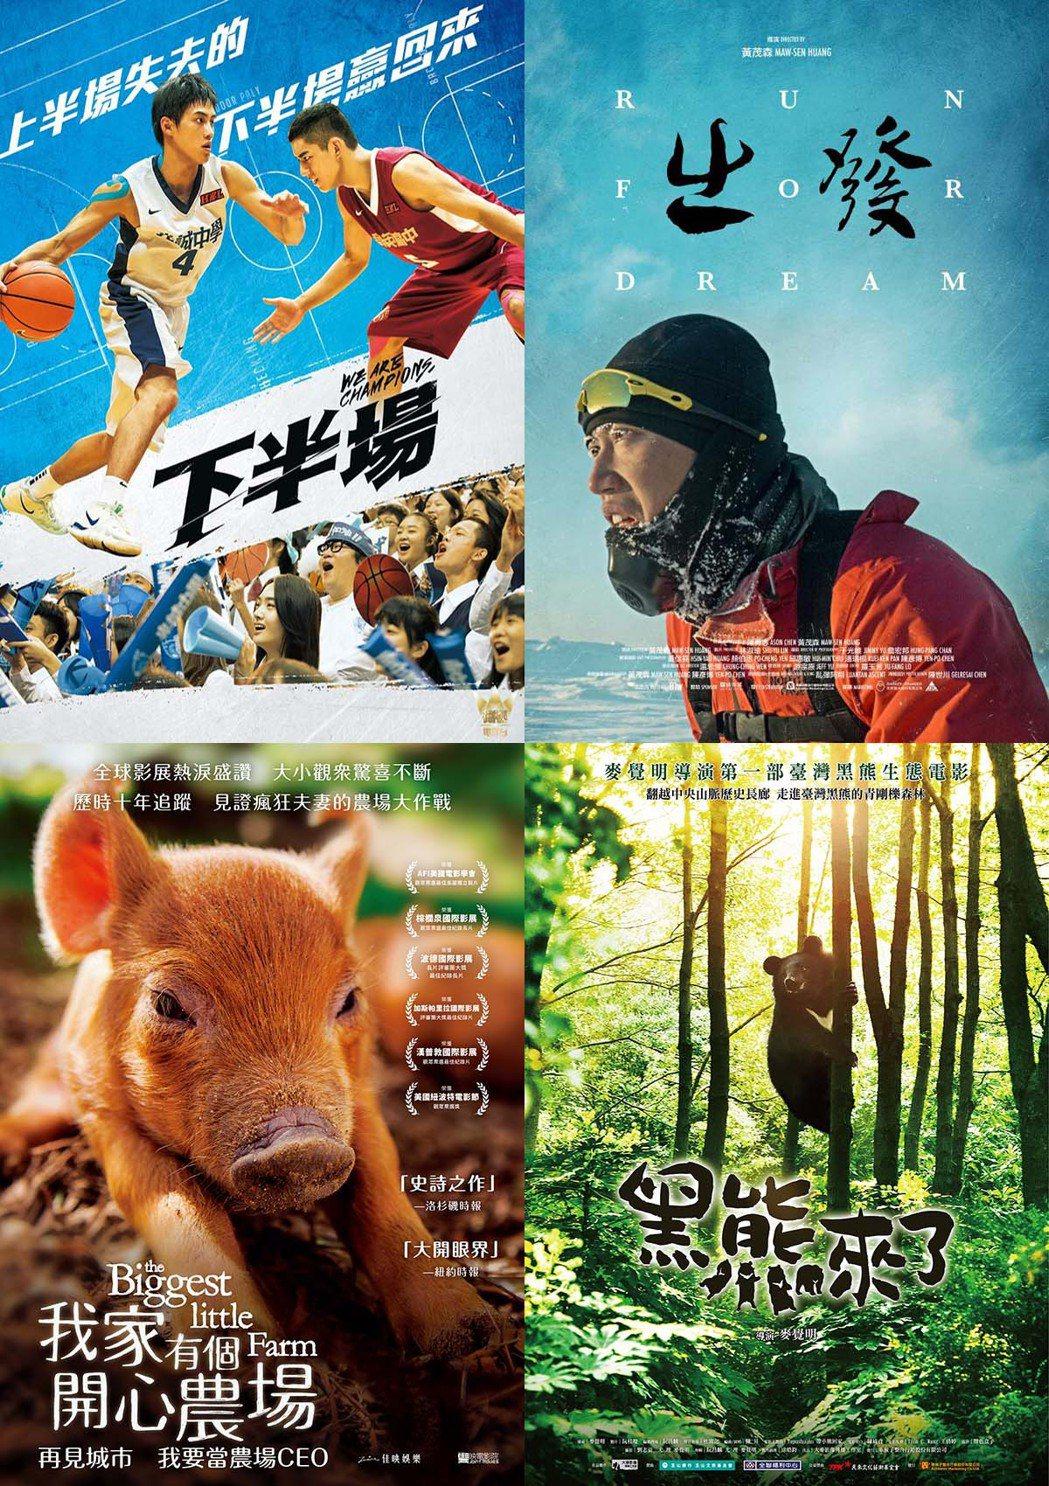 富邦永續電影院精選出四部電影。 圖/富邦金控 提供